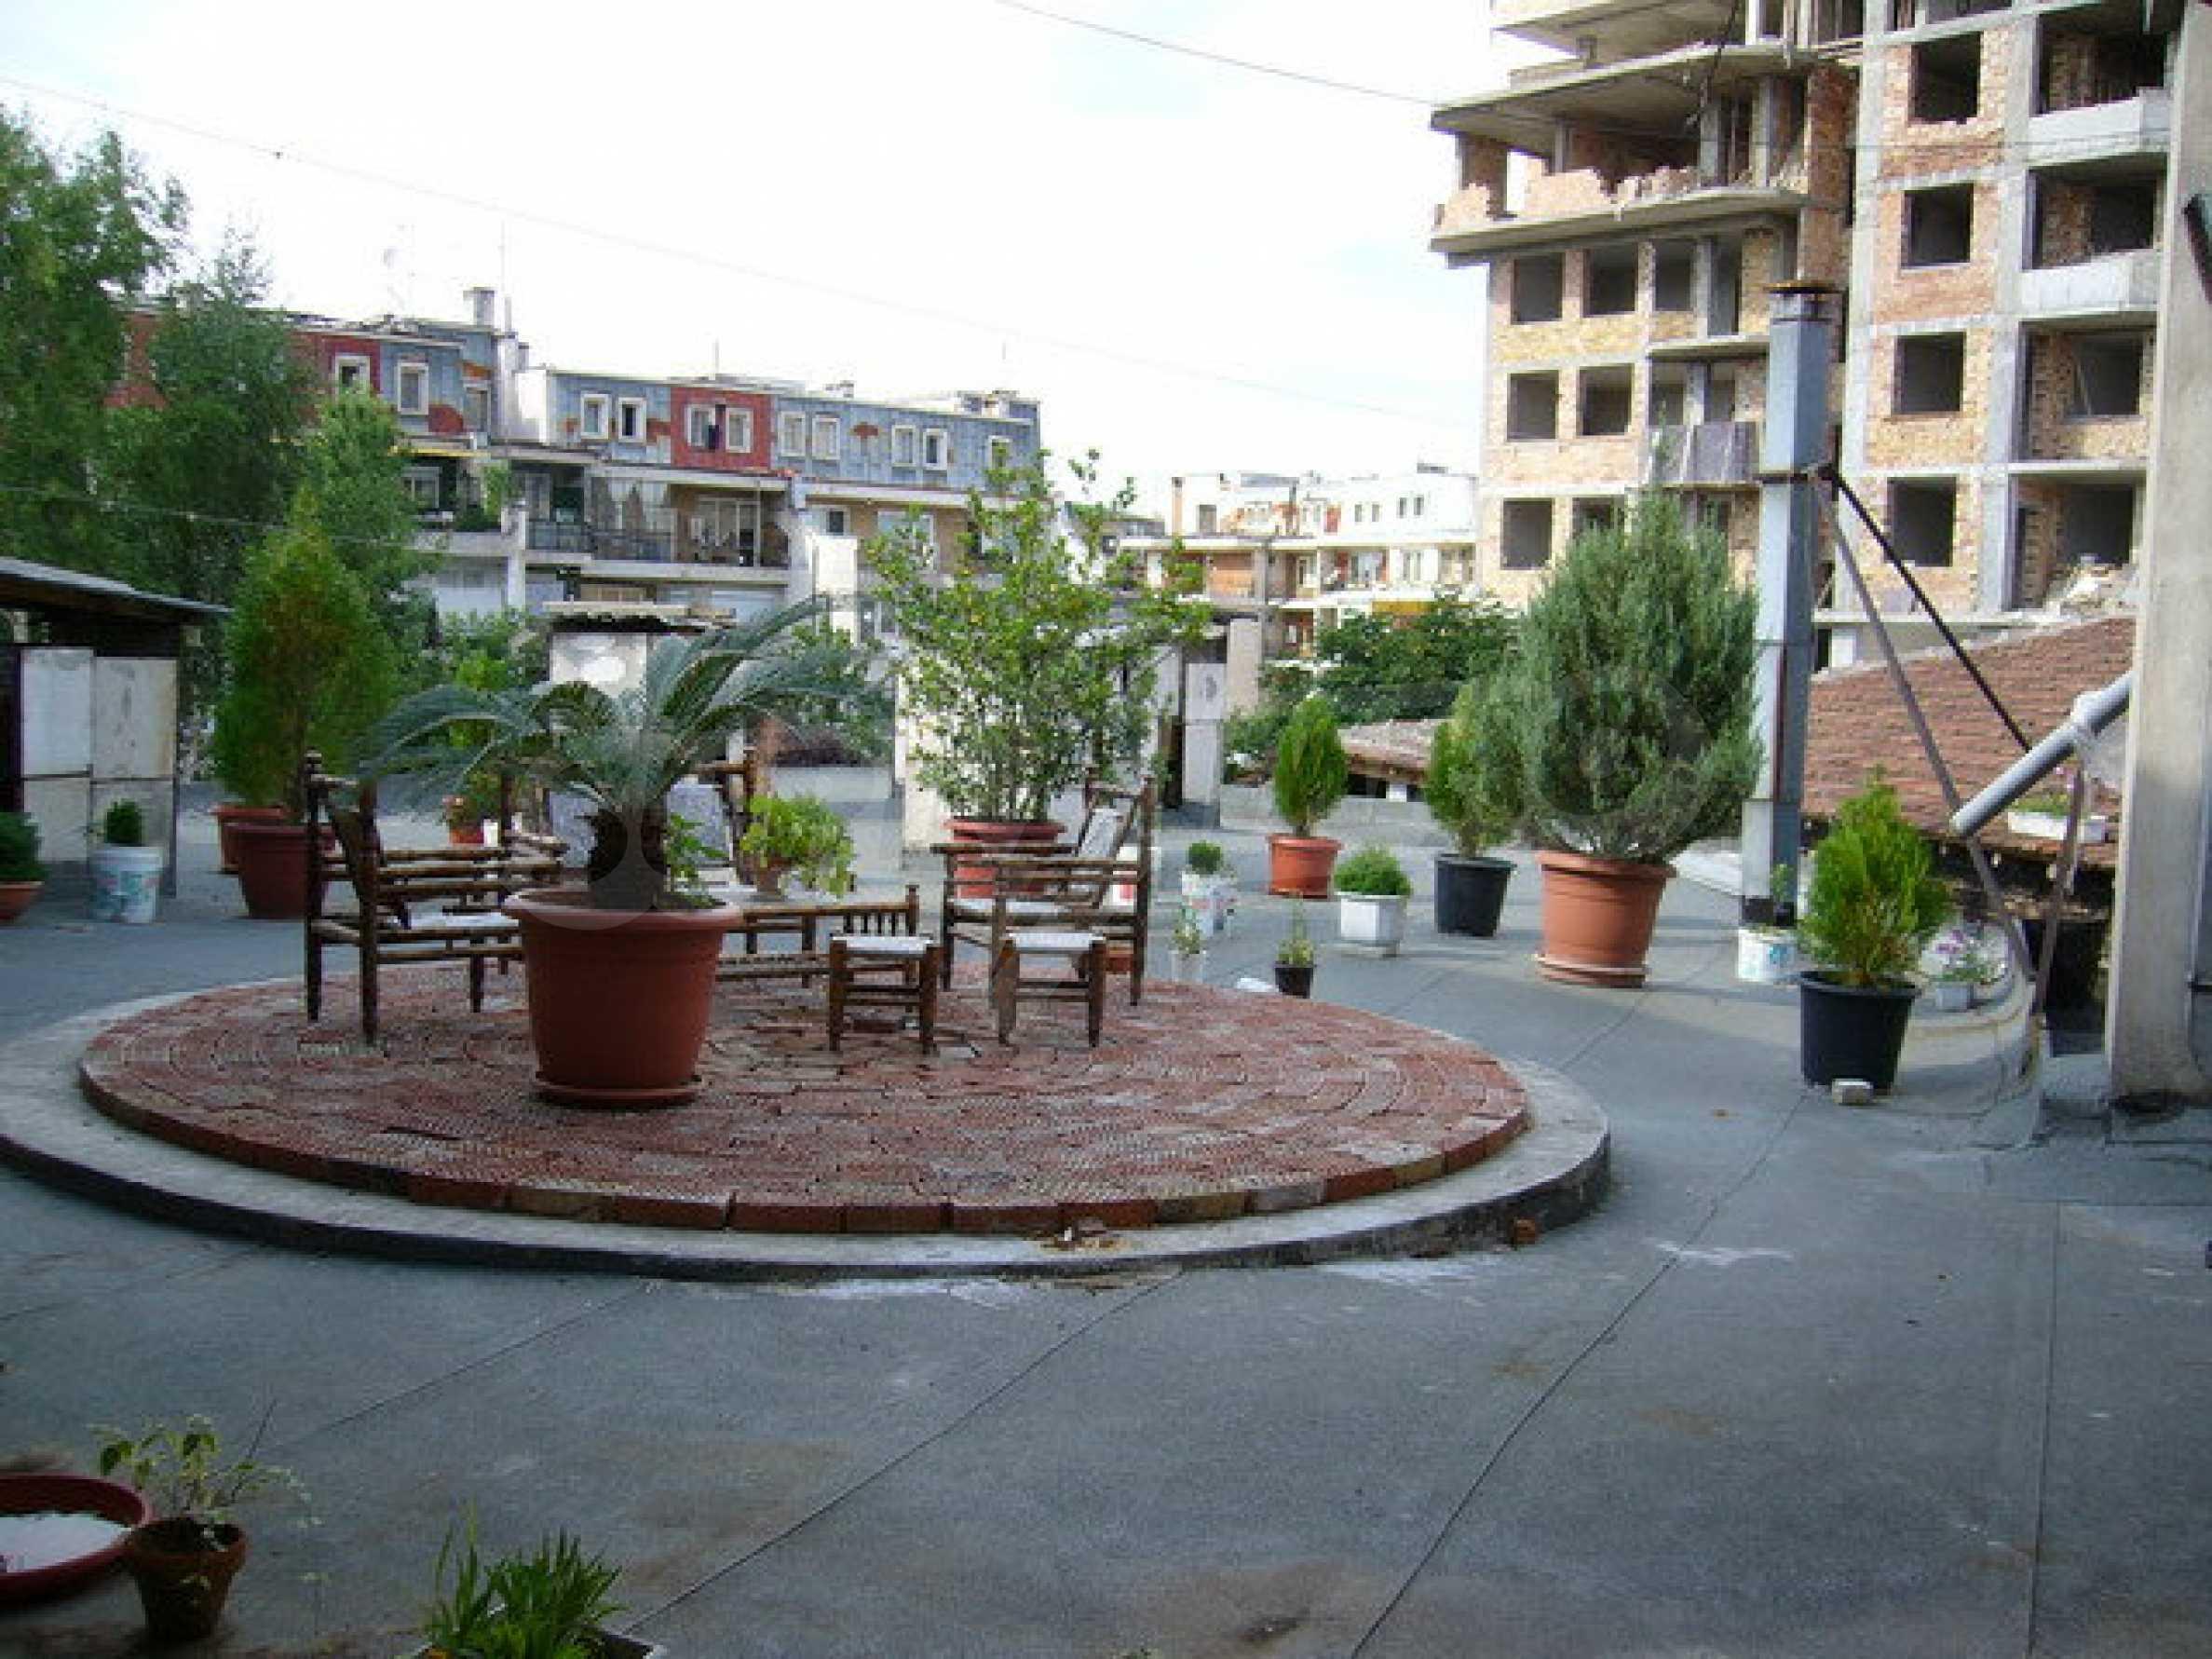 Здание, подходящее для разных видов бизнеса, расположенное в городе Велико Тырново 36